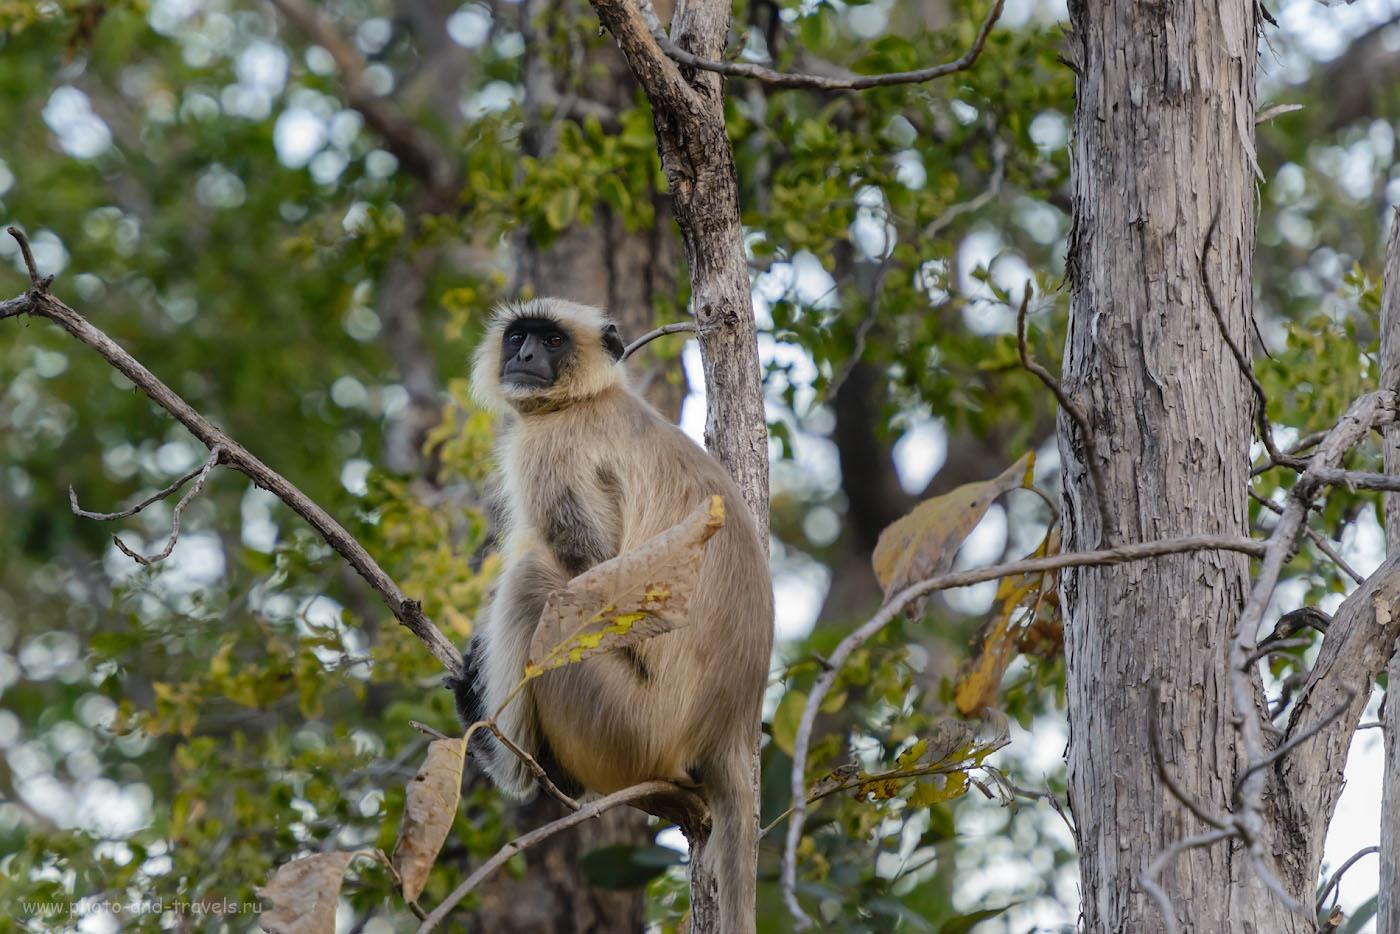 Фотография 7. Ну и, взгляд у серых лангуров всегда такой высокомерный, когда они на туристов смотрят. Джип-сафари в заповеднике Panna Tiger Reserve. 1/500, 4.0, 1800, 240.